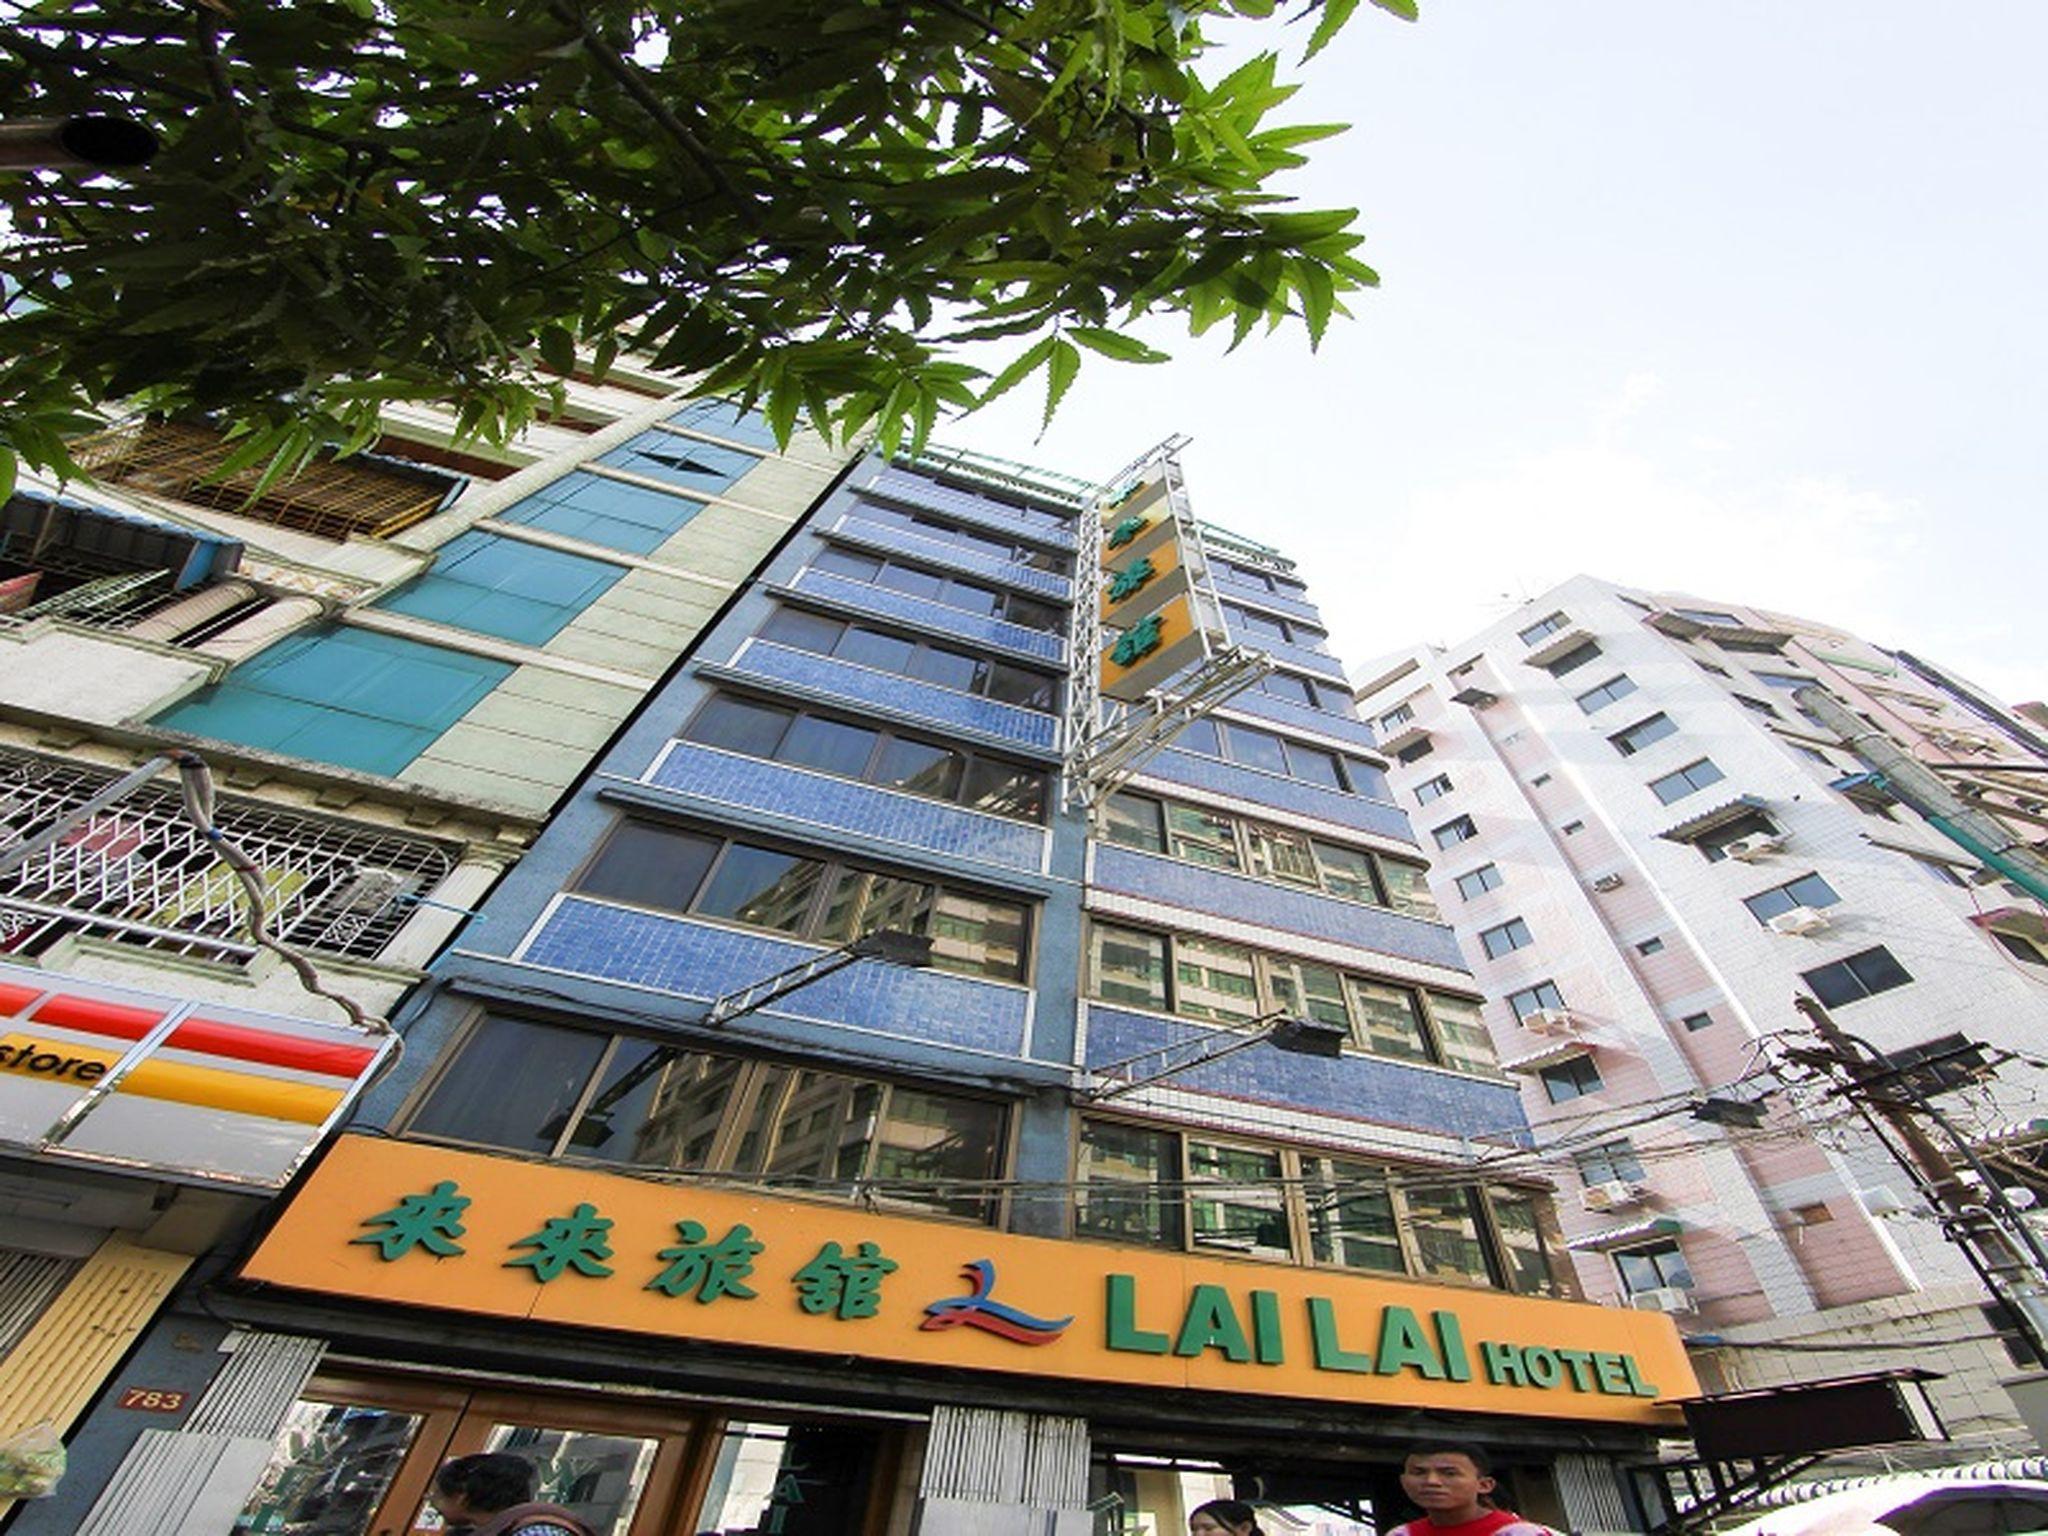 Lai Lai Hotel Yangon Myanmar